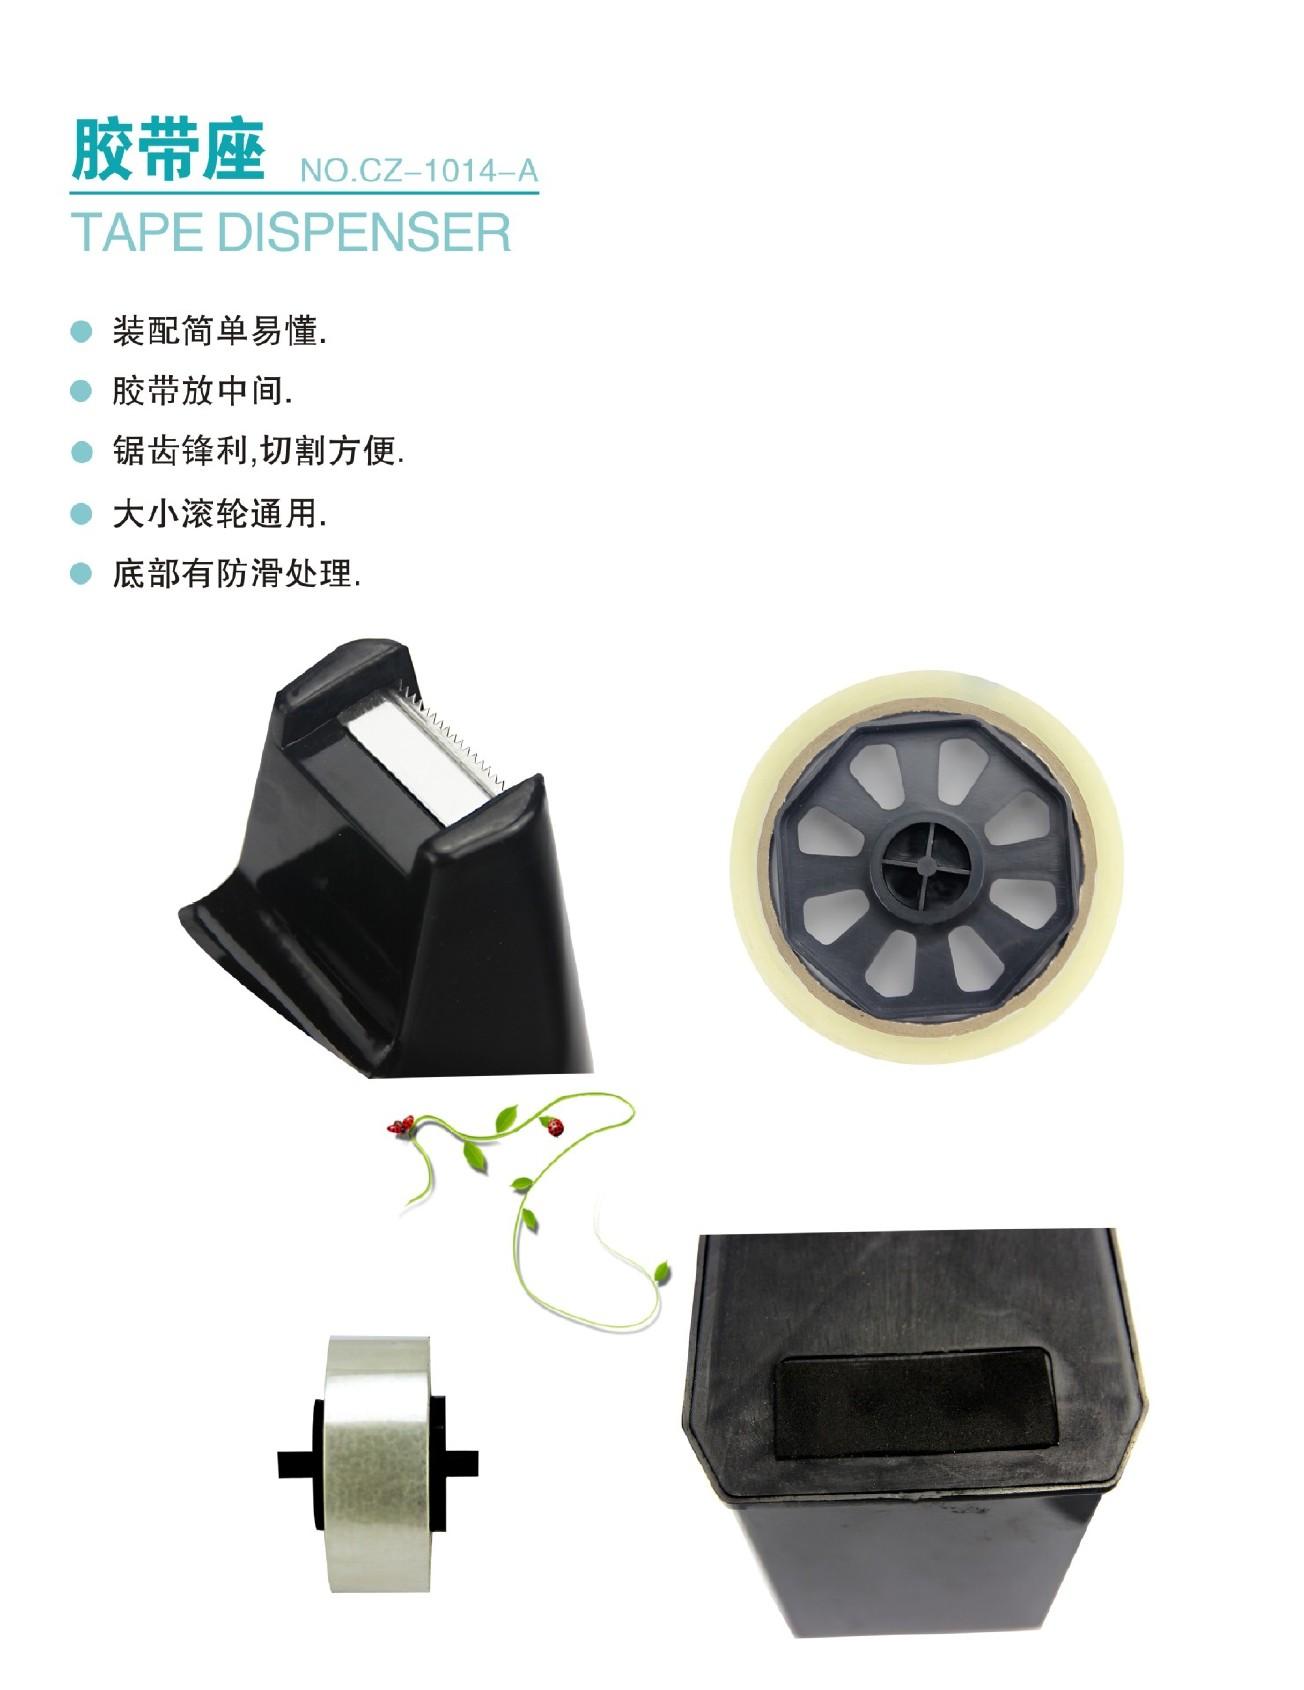 CZ-1014-A 封箱器胶带切割器大号水泥胶带座两用加重胶纸座示例图5